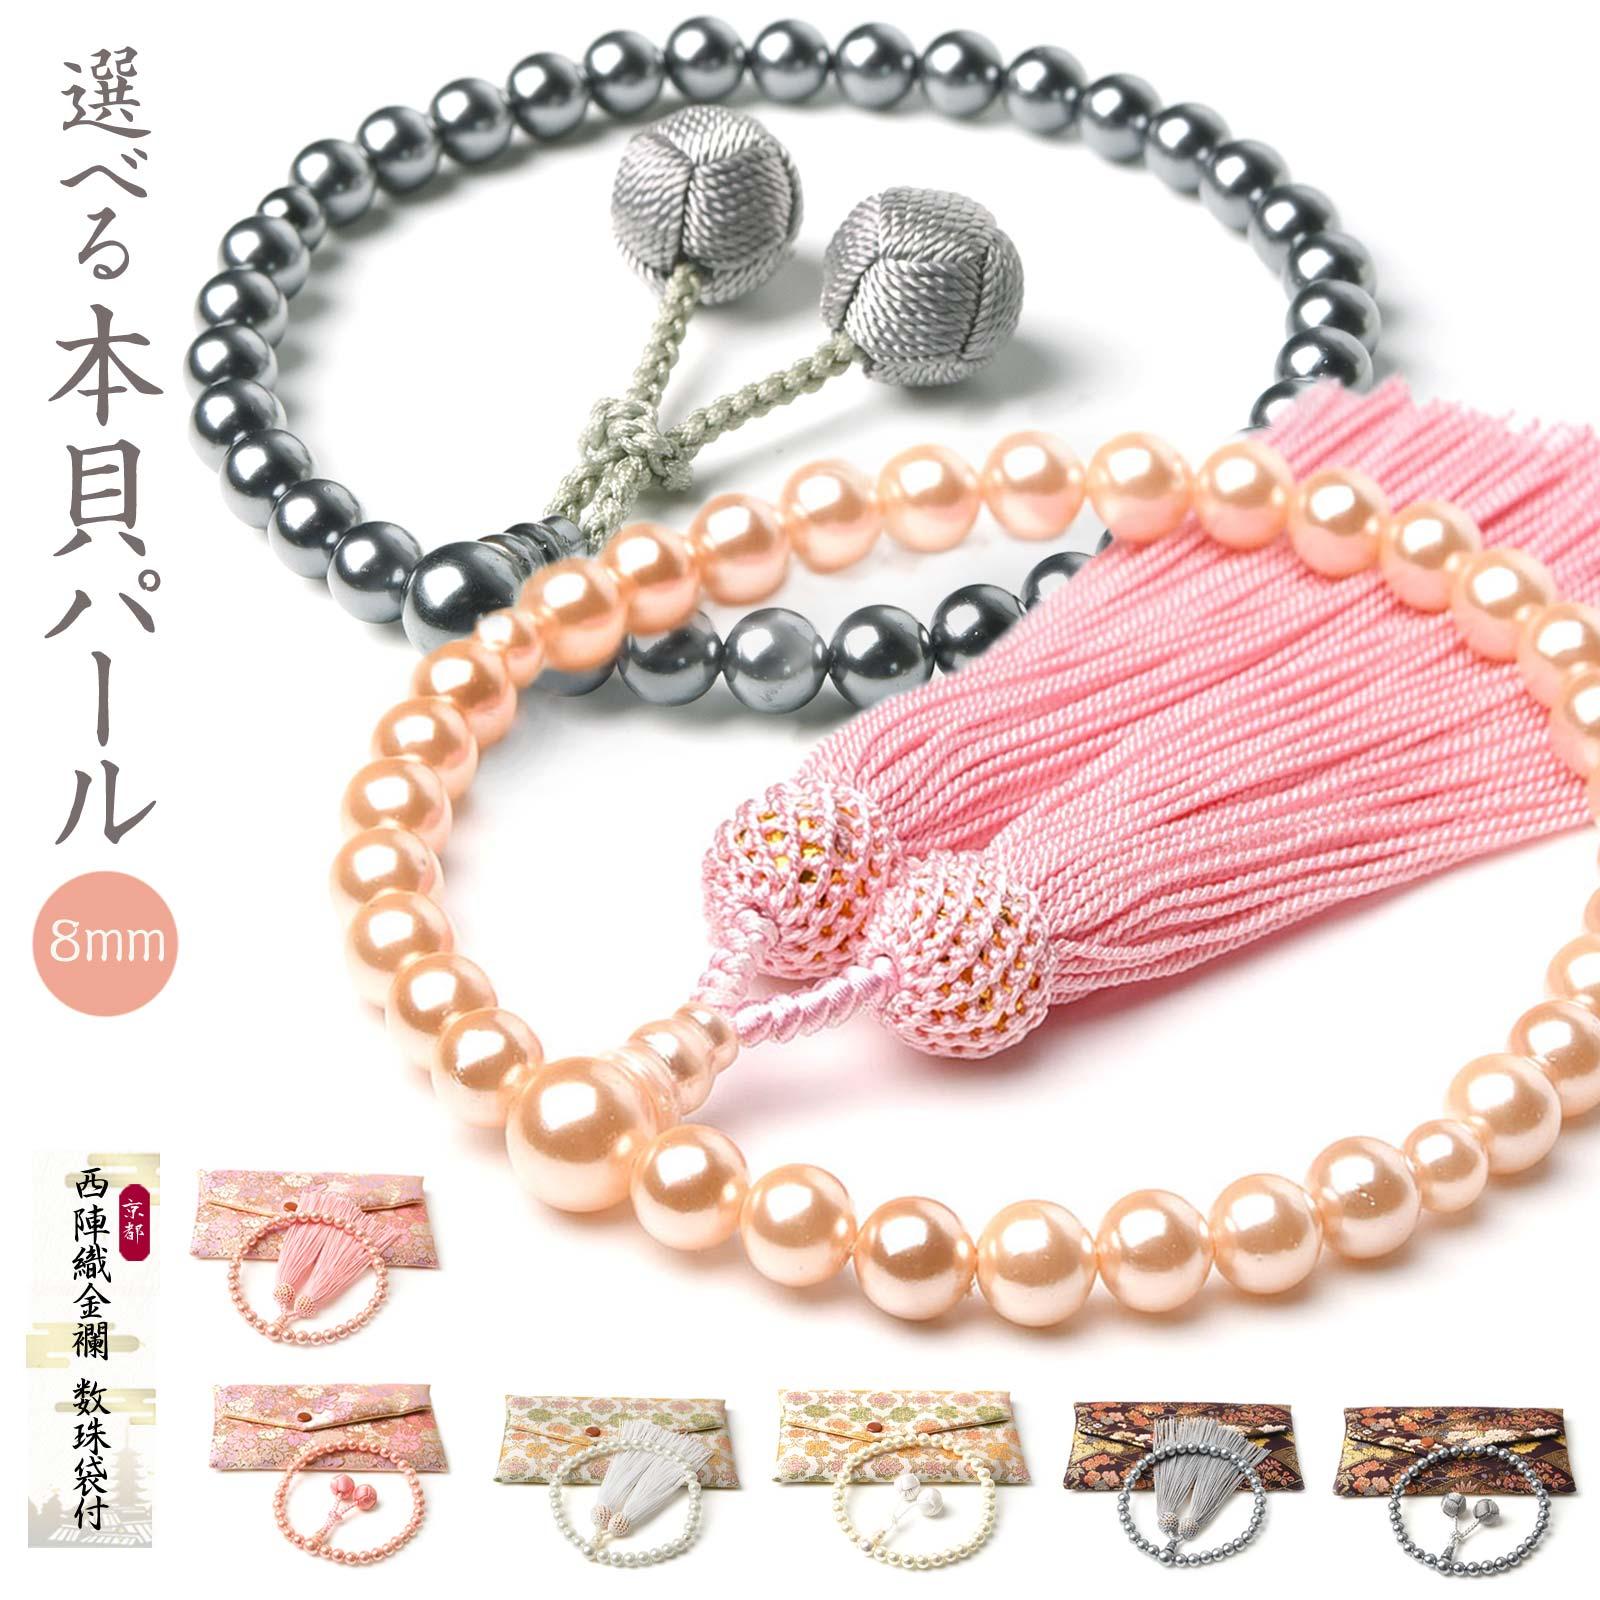 数珠 女性用 選べる 貝パール 数珠入れ 特典付 8mm パール 頭房 梵天房 梵天 念珠 juzu ss